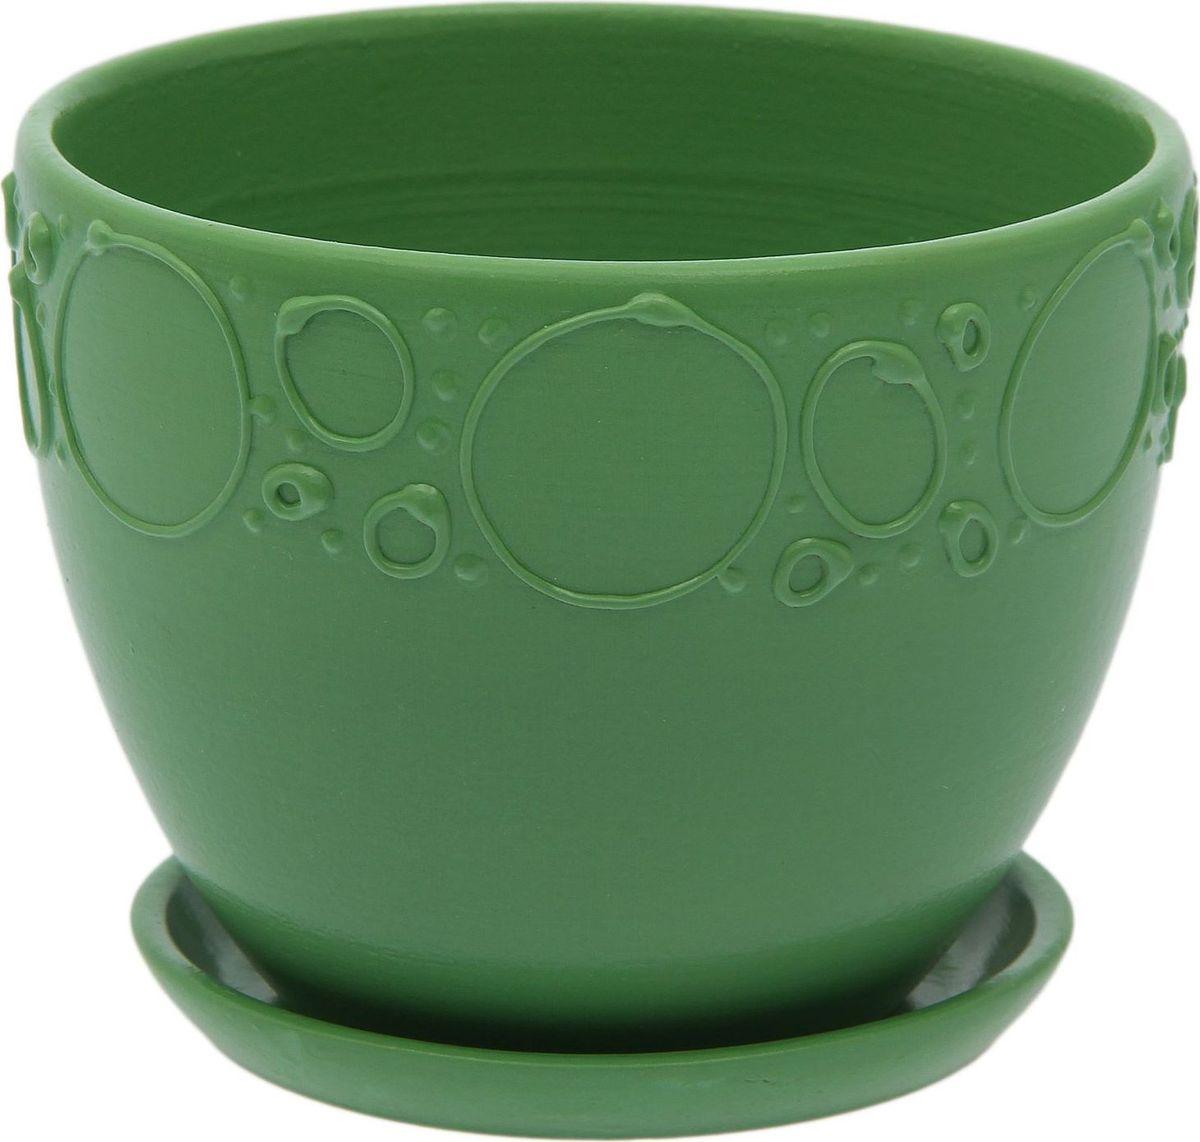 Кашпо Пузыри, цвет: зеленый, 1,5 л1430190Комнатные растения — всеобщие любимцы. Они радуют глаз, насыщают помещение кислородом и украшают пространство. Каждому из них необходим свой удобный и красивый дом. Кашпо из керамики прекрасно подходят для высадки растений: за счет пластичности глины и разных способов обработки существует великое множество форм и дизайнов пористый материал позволяет испаряться лишней влаге воздух, необходимый для дыхания корней, проникает сквозь керамические стенки! позаботится о зеленом питомце, освежит интерьер и подчеркнет его стиль.